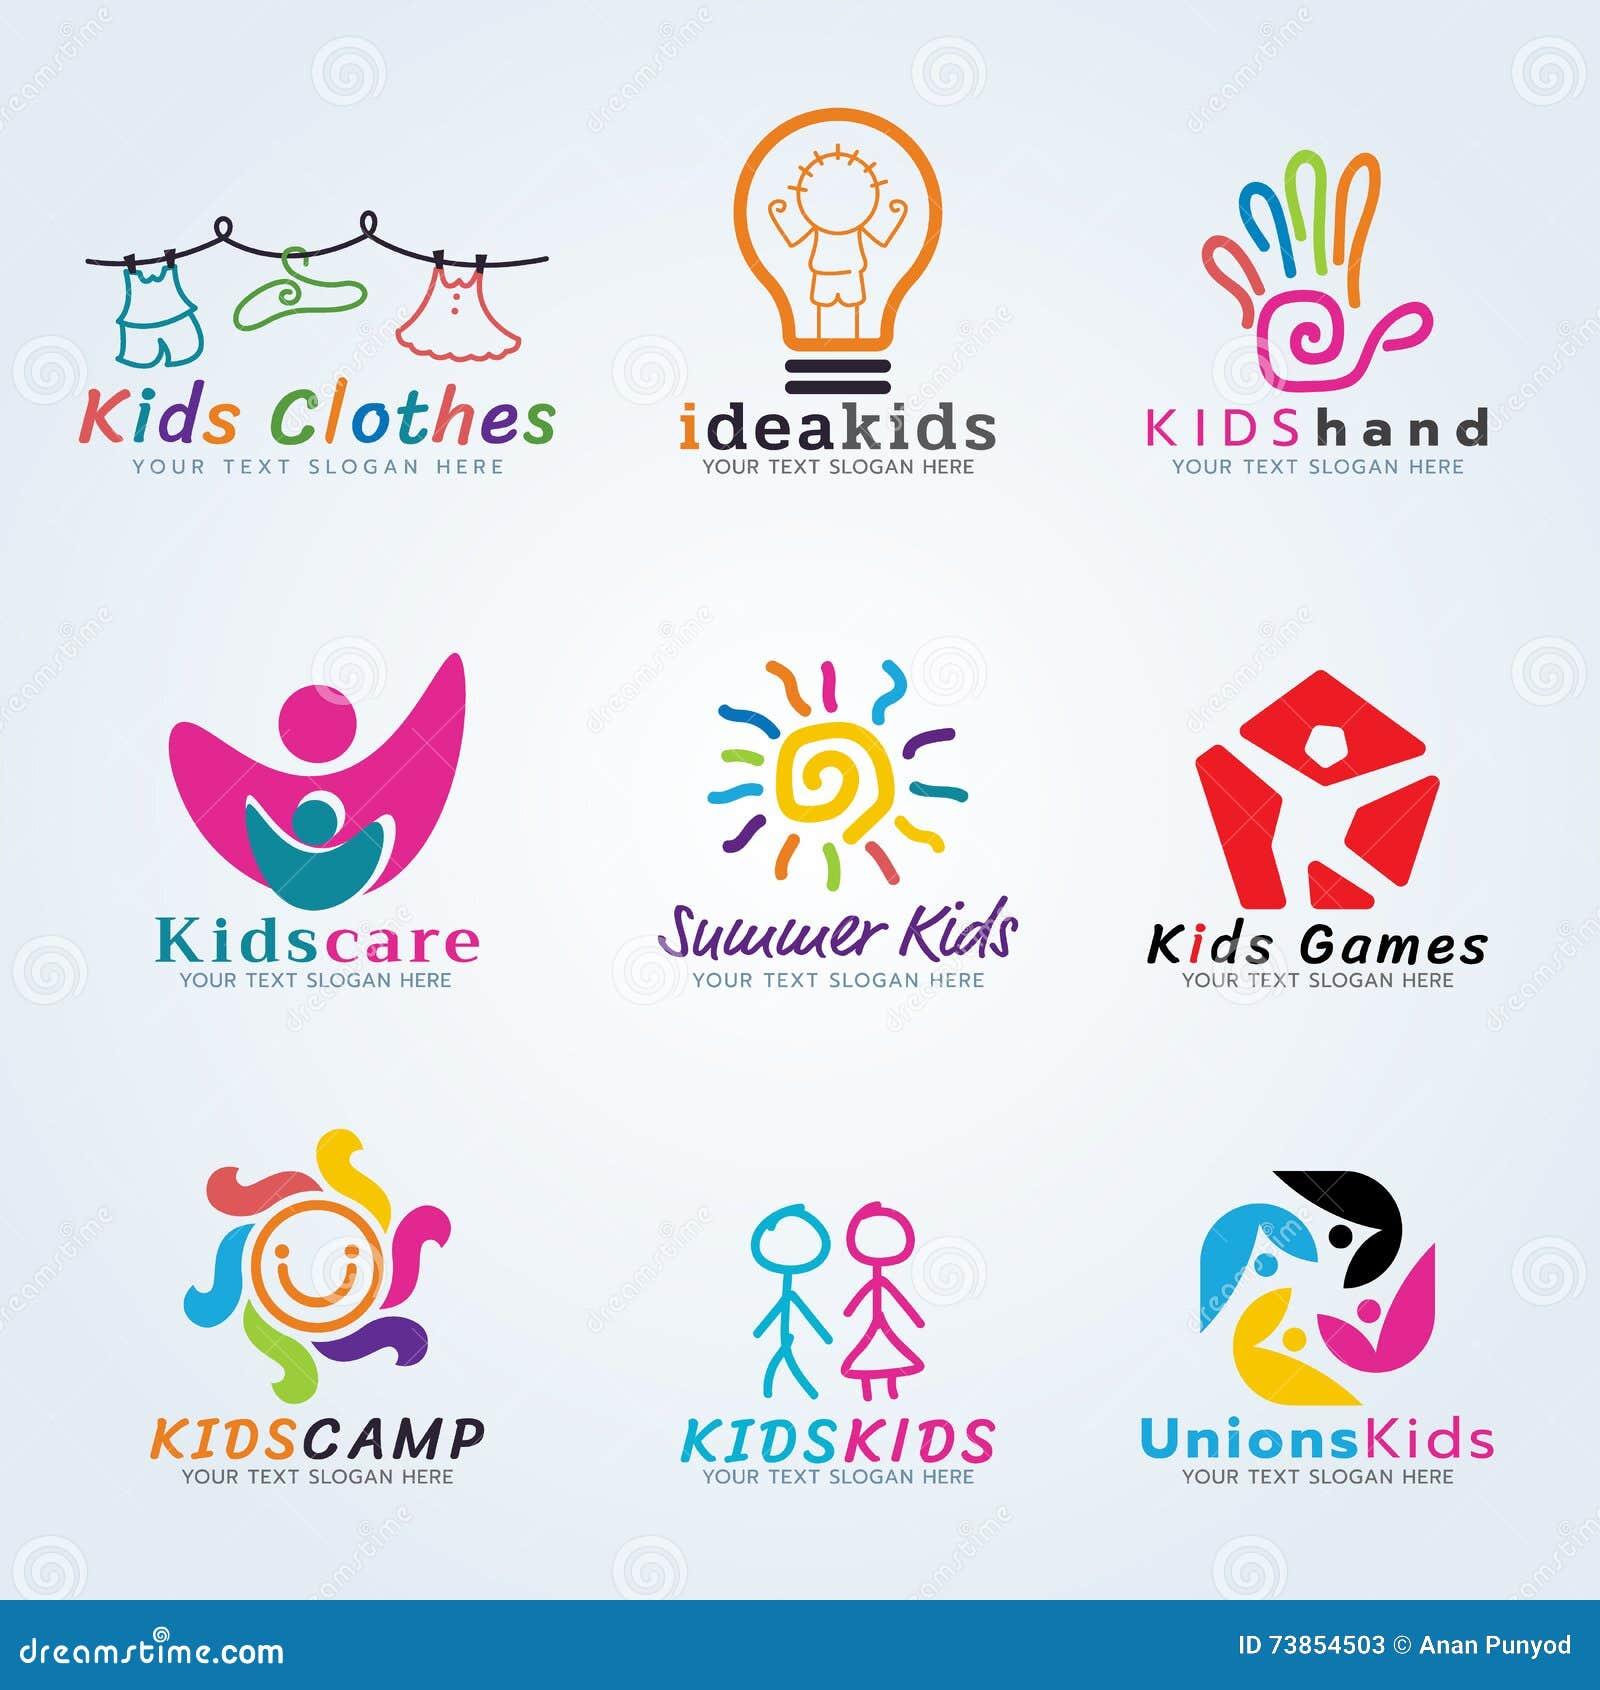 99 Creative Logo Designs for Inspiration  Awwwards